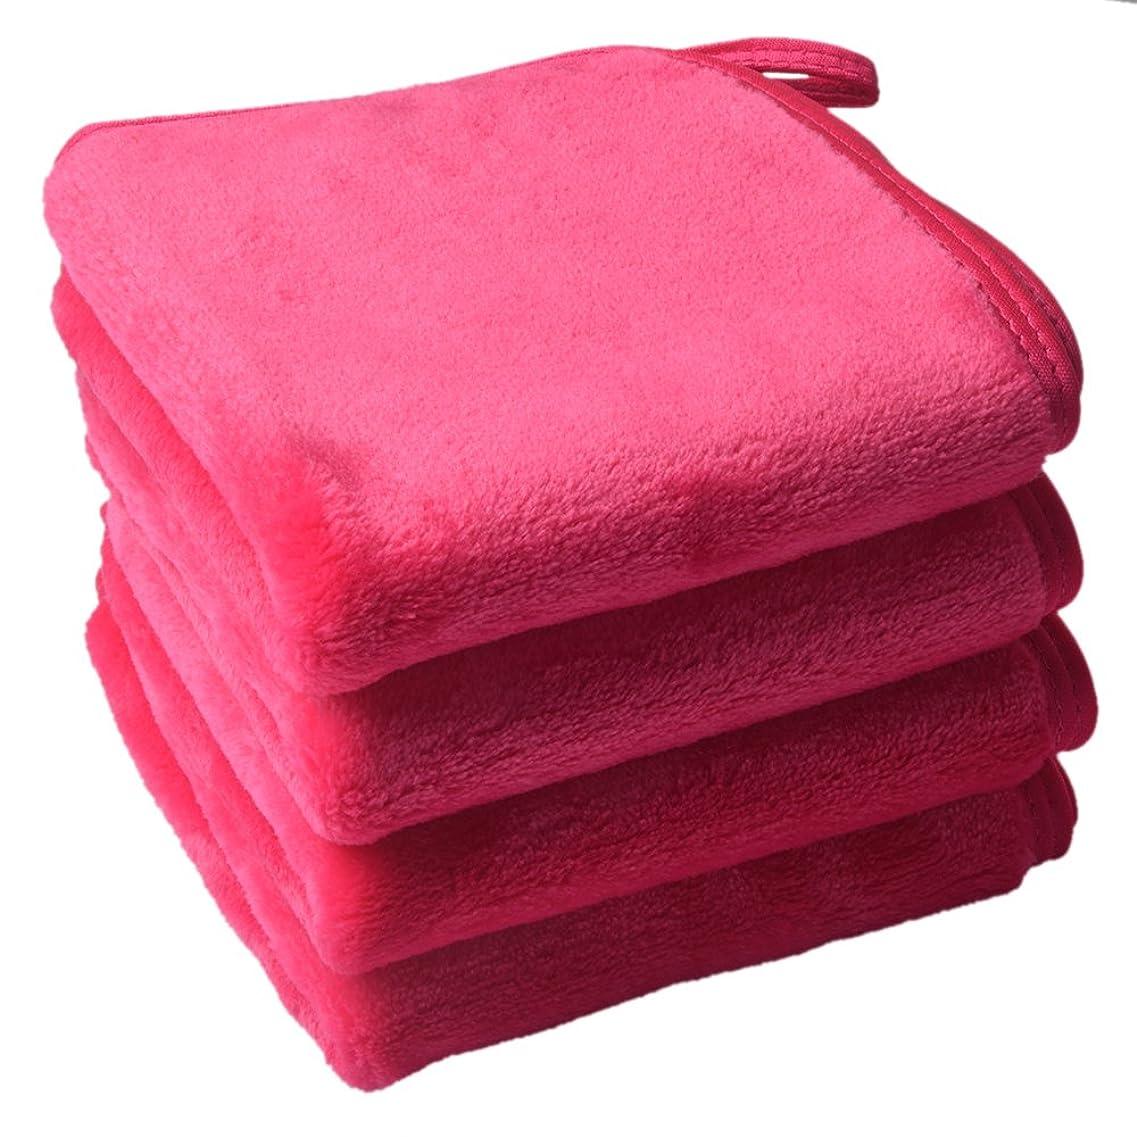 縮れた思慮のない明快Sinland メイク落としタオル 柔らかい クレンジング タオル 敏感肌用タオル